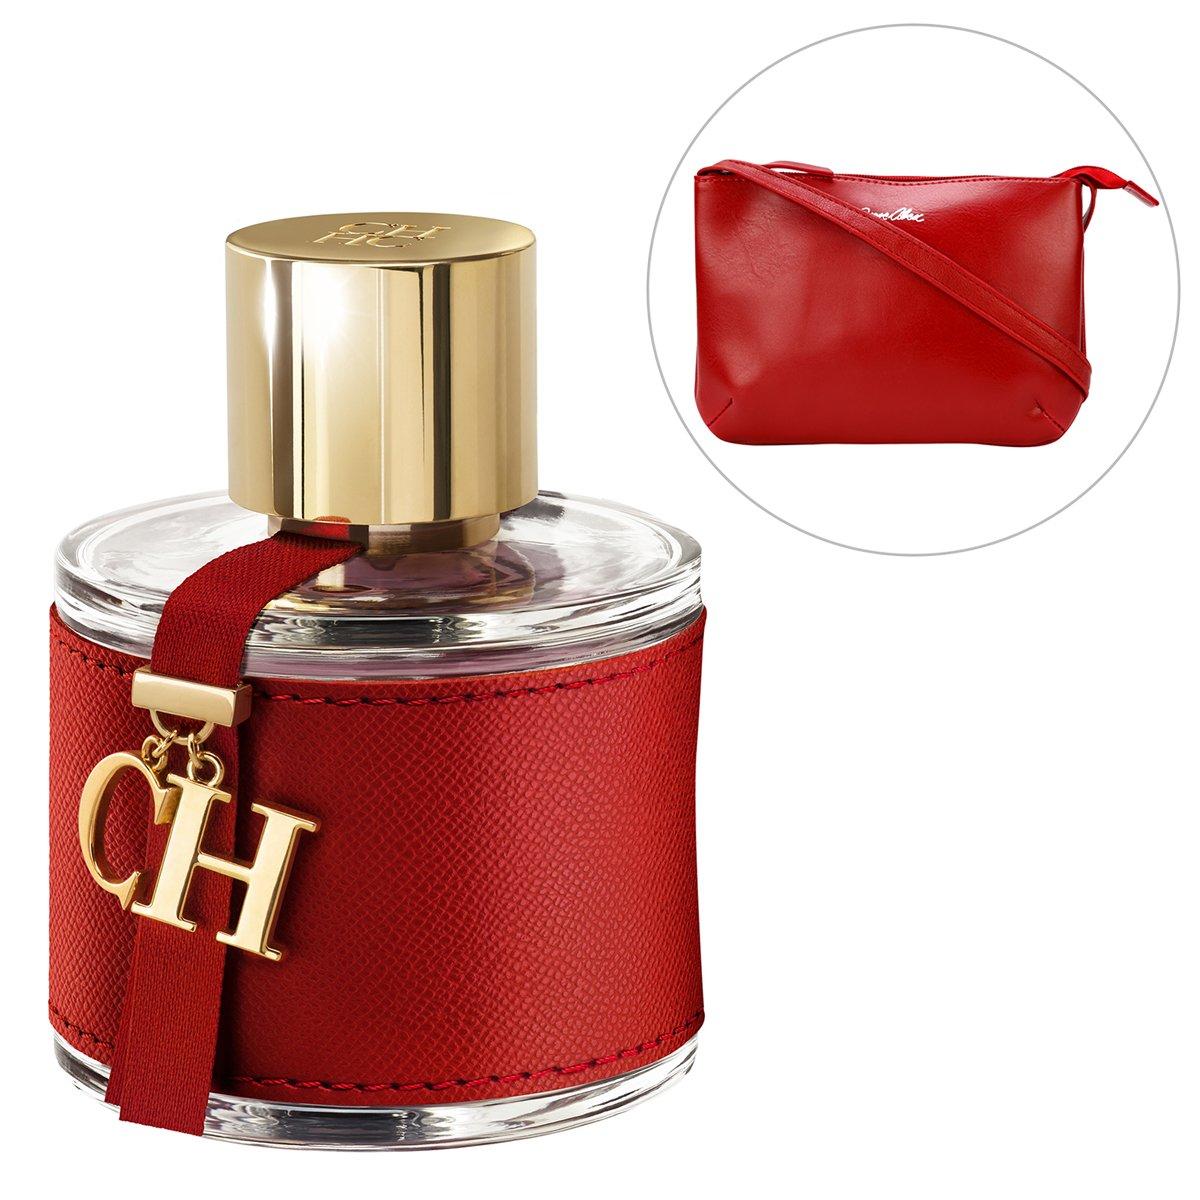 7101bb6a0f606 Kit Bolsa Jorge Alex Transversal Vermelho + Perfume Carolina Herrera CH EDT  100ml - Compre Agora